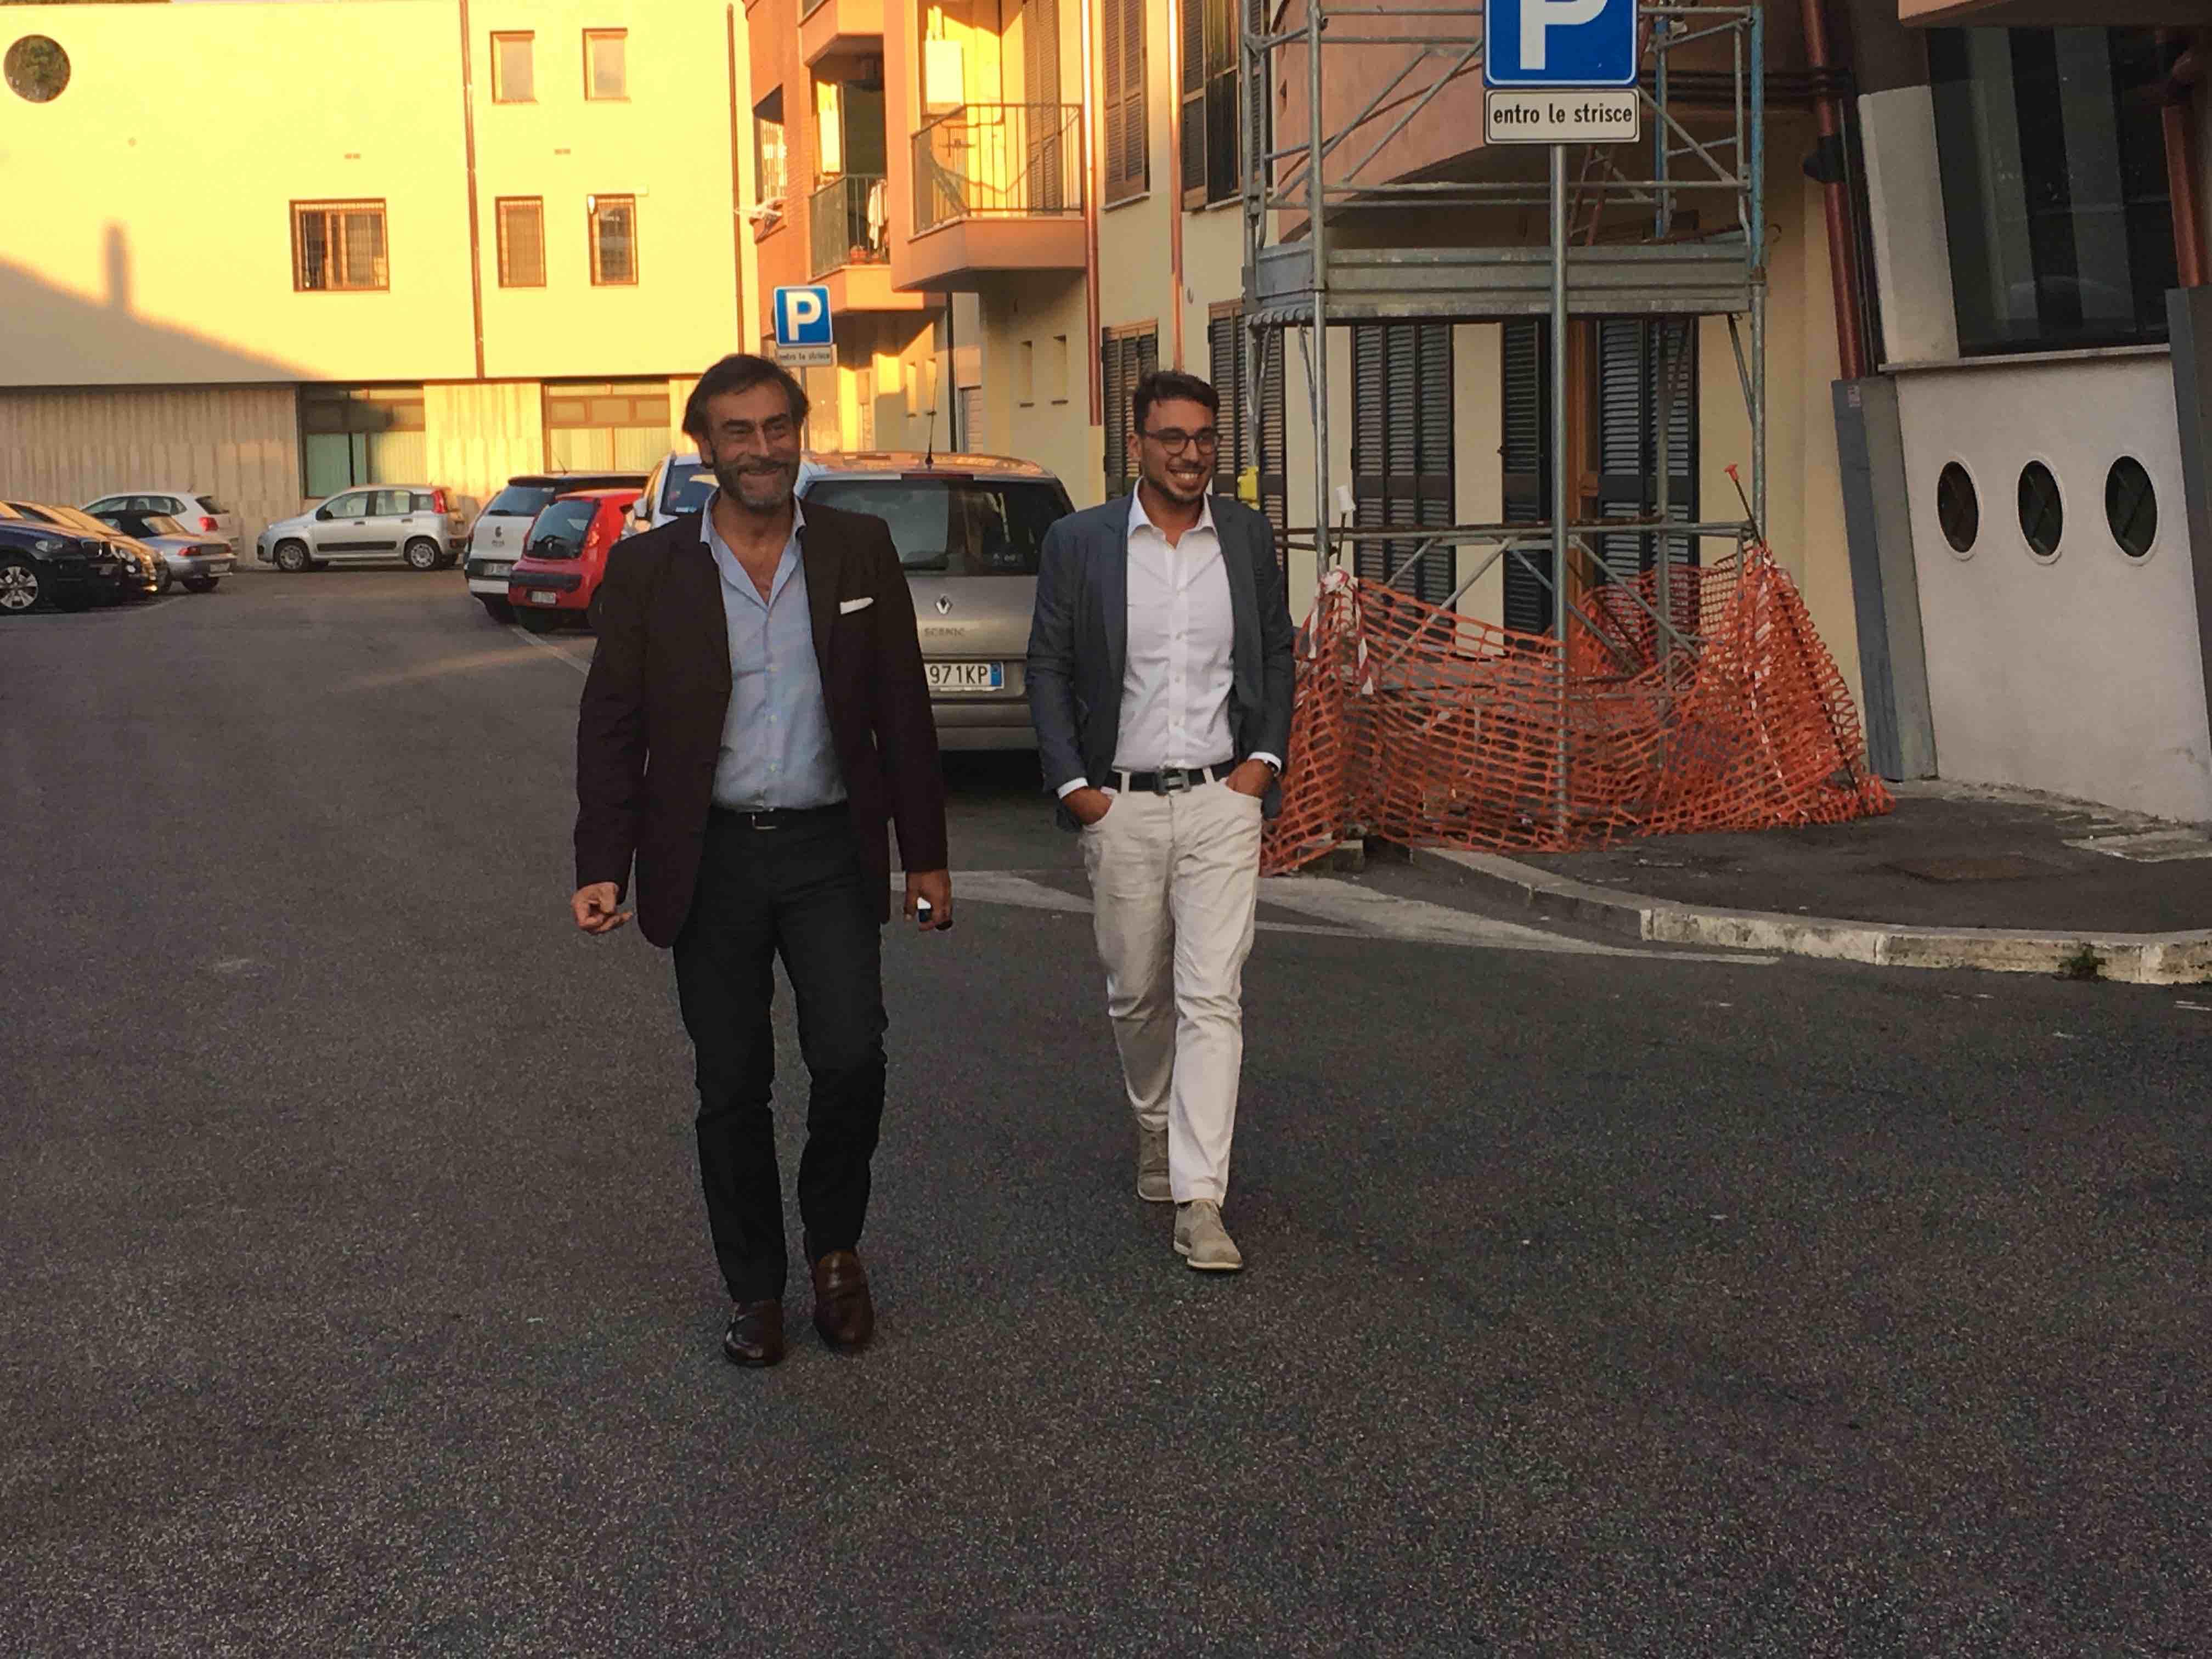 """Guidonia, Pozzi porta i big di Fratelli d'Italia per il """"no"""" al referendum. Si accende lo scontro in vista del voto"""